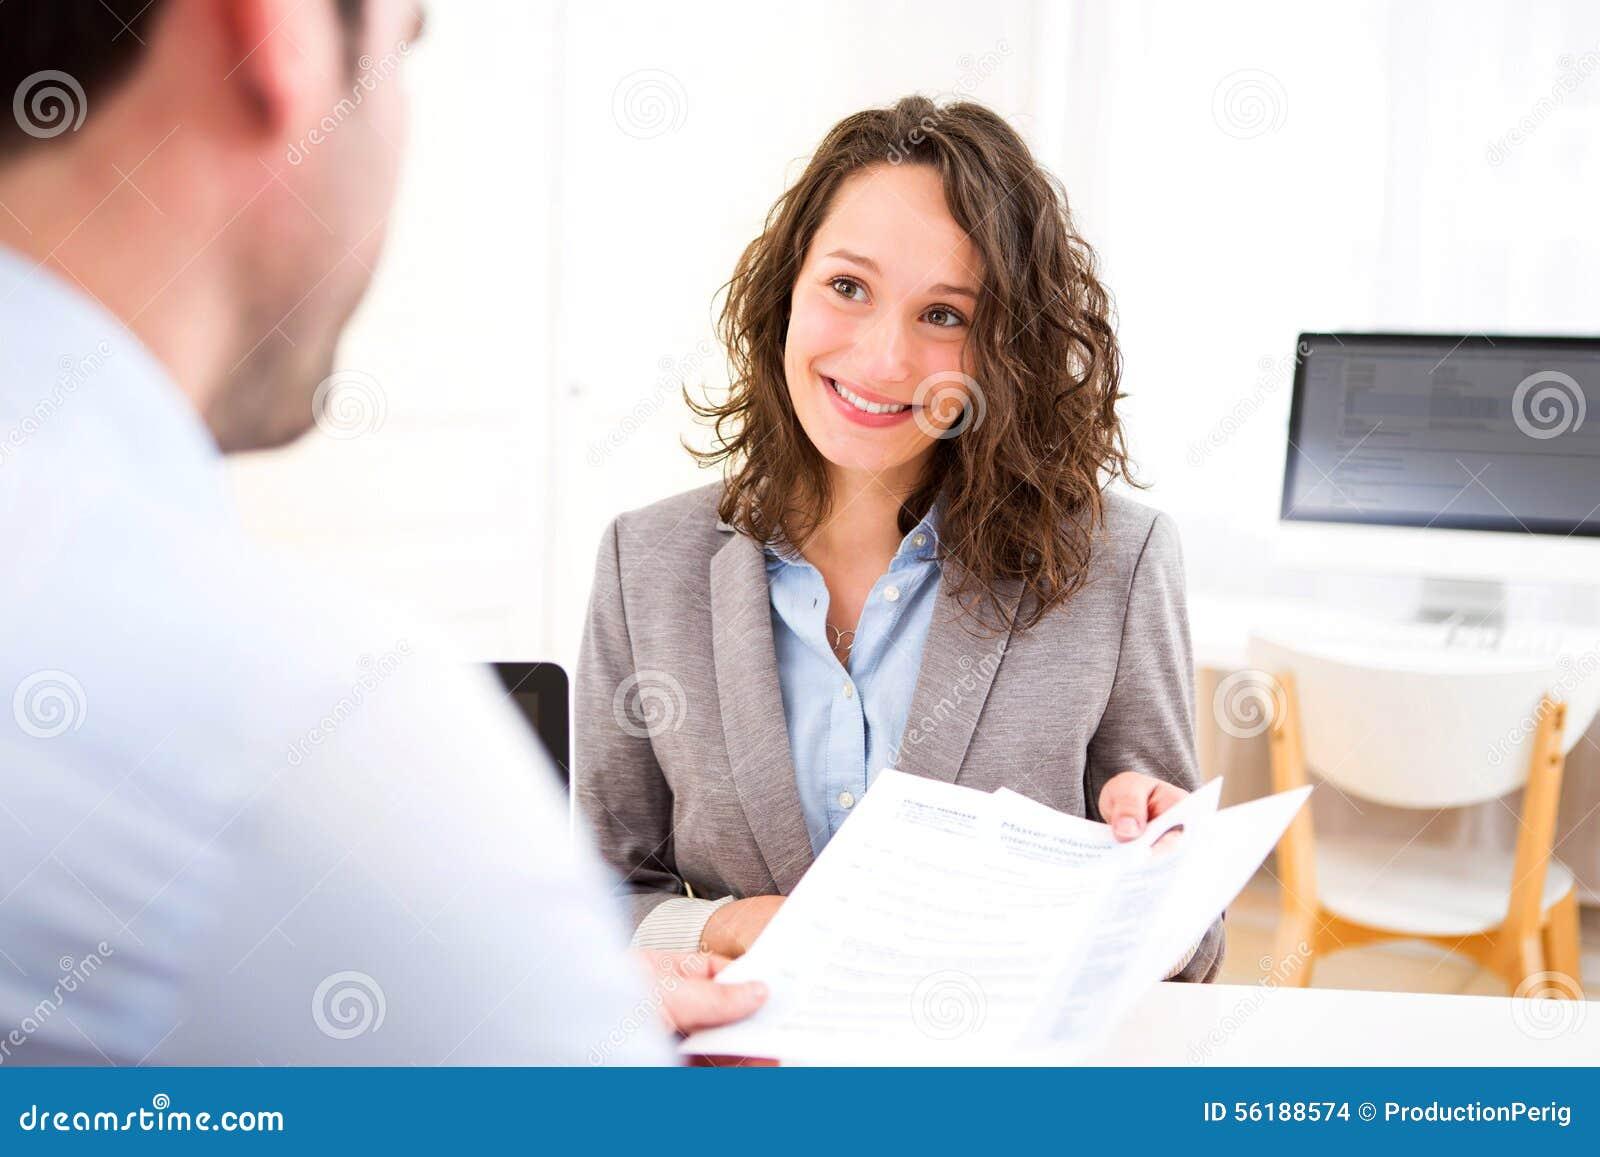 Młoda atrakcyjna kobieta podczas akcydensowego wywiadu